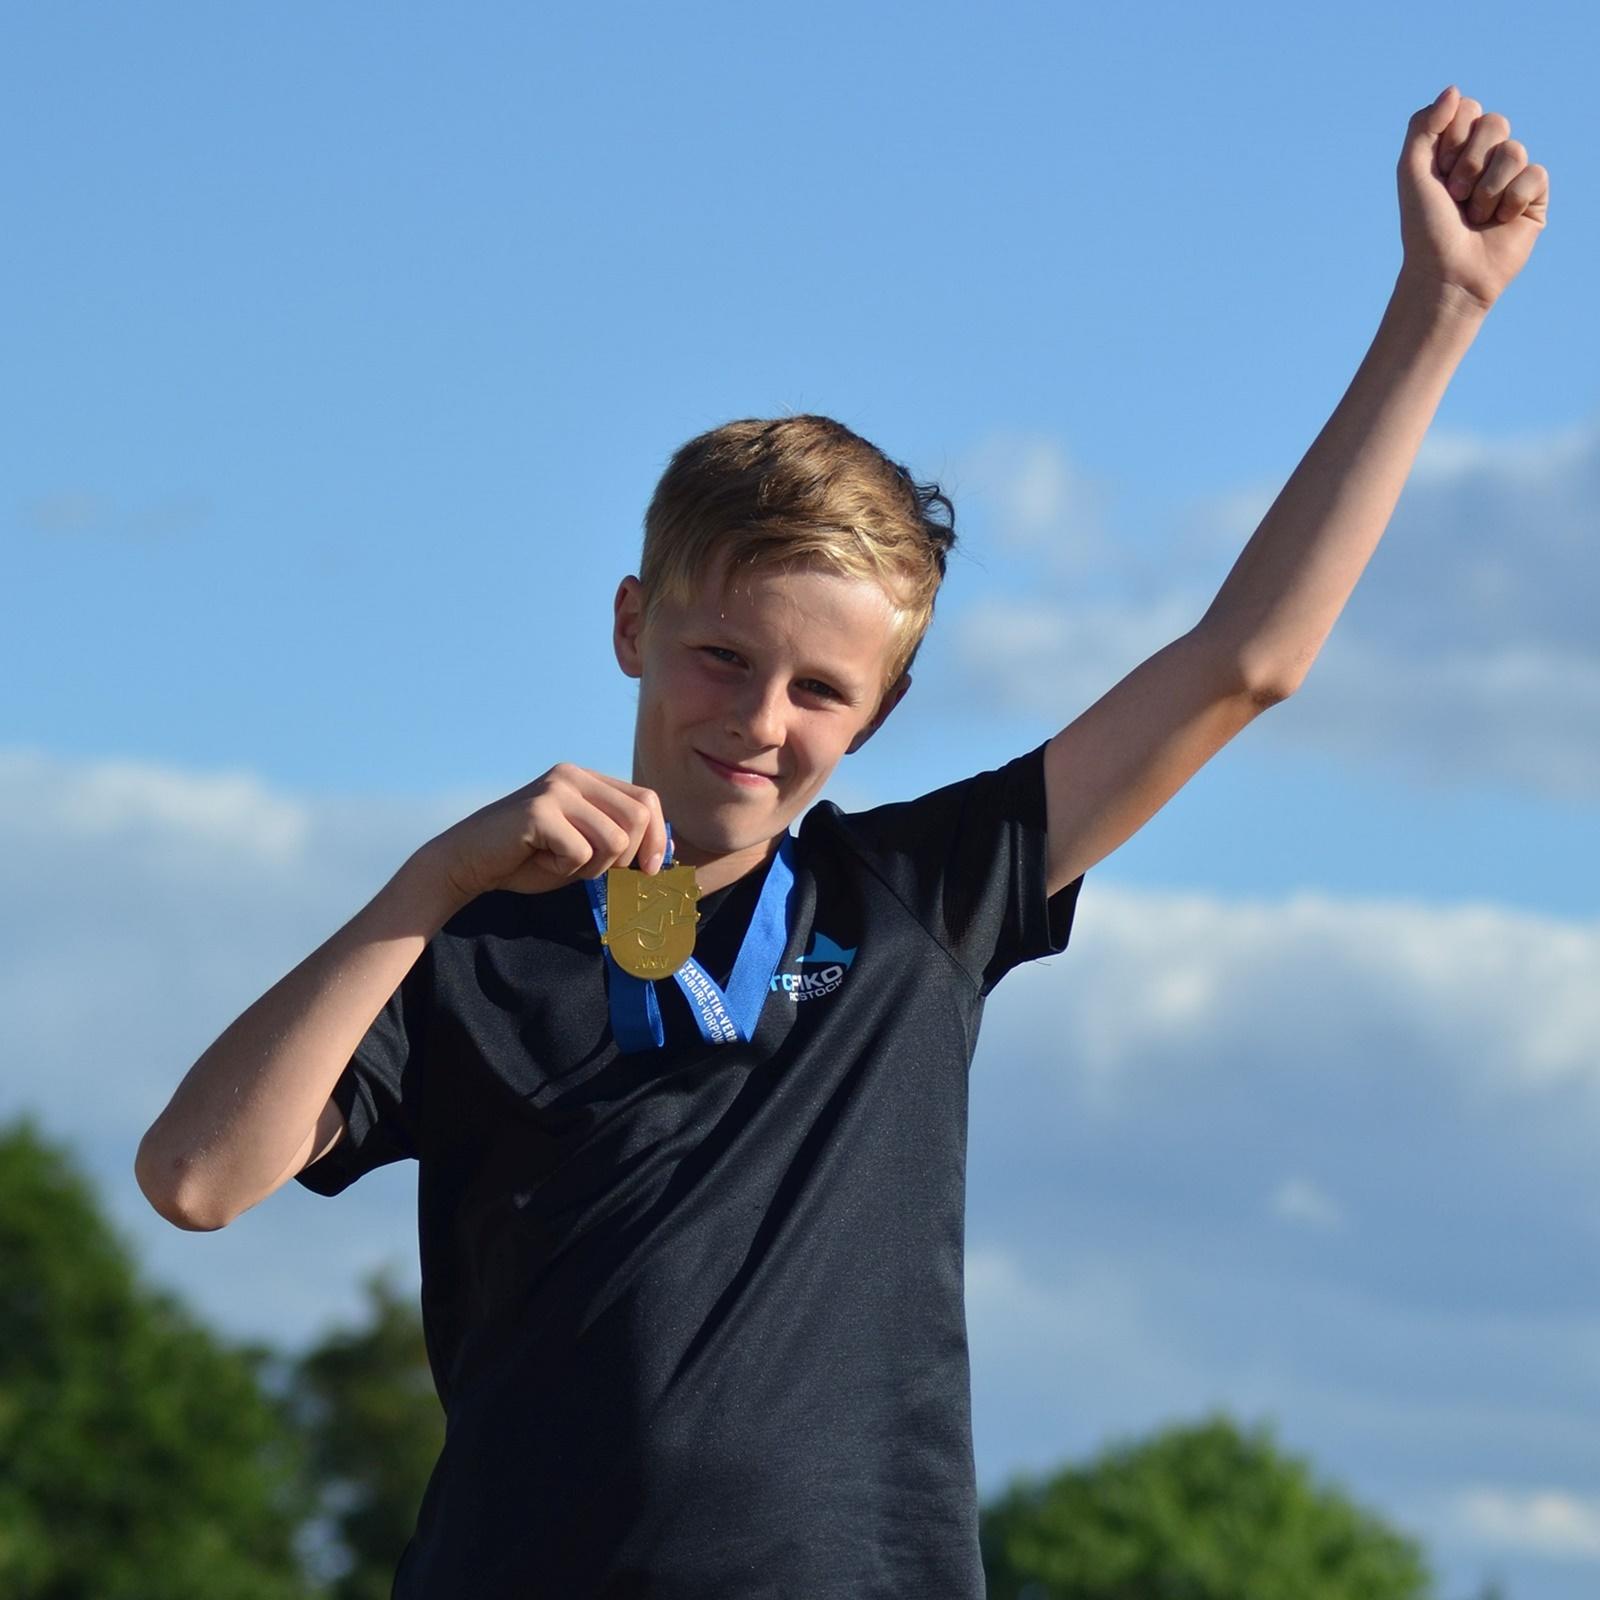 Leichtathletik - Landesmeisterschaften der SchülerInnen in Schwerin